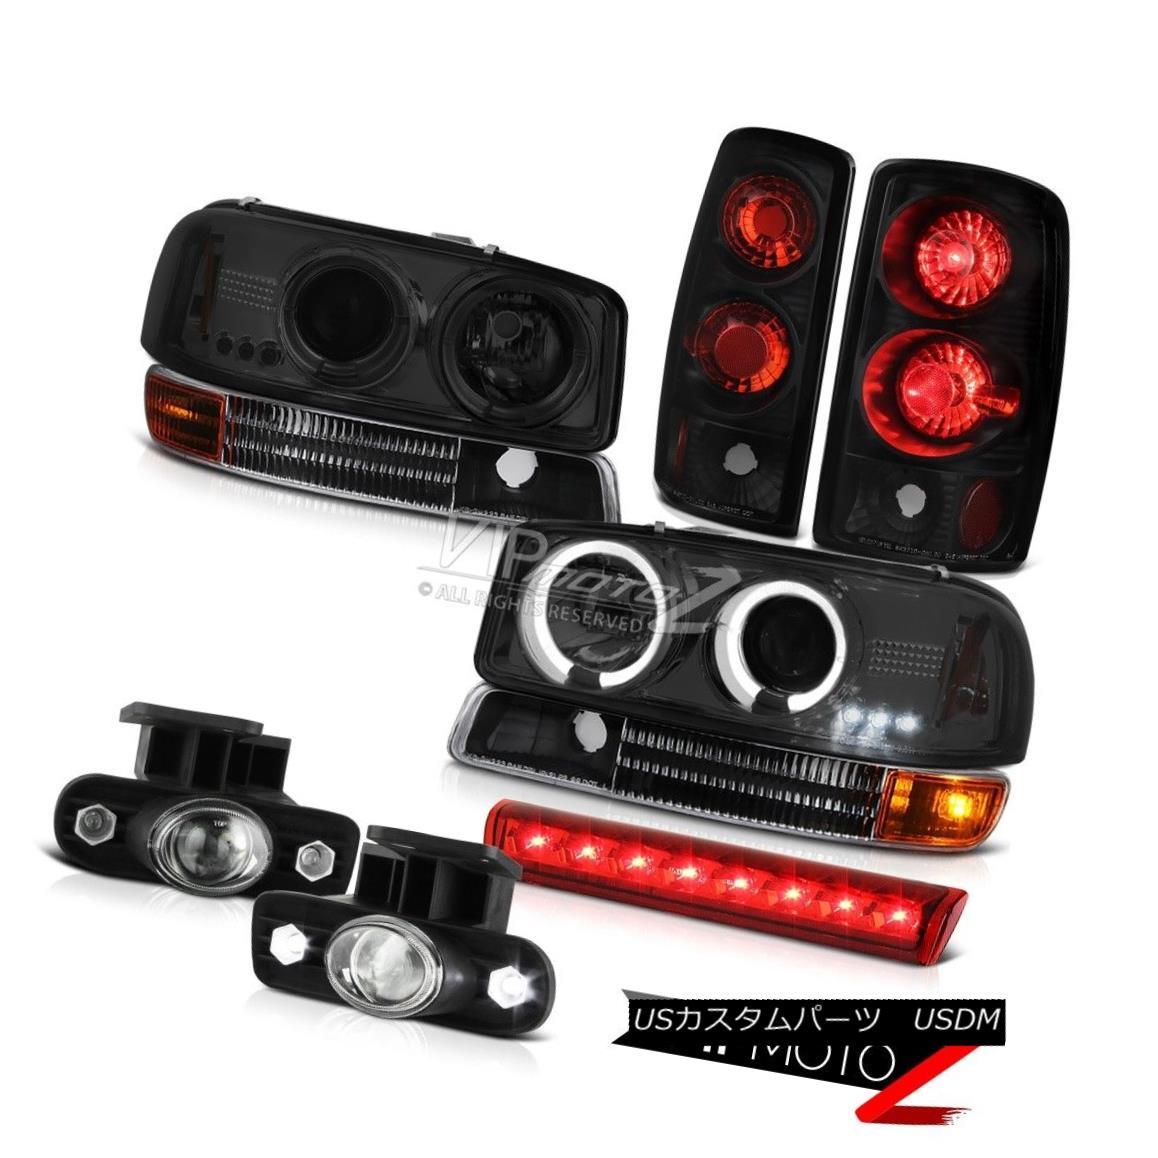 ヘッドライト 00-06 Yukon 8.1L Halo Headlights Signal Taillight FogLights High Brake Cargo LED 00-06ユーコン8.1Lハローヘッドライト信号尾灯FogLightsハイブレーキカーゴLED